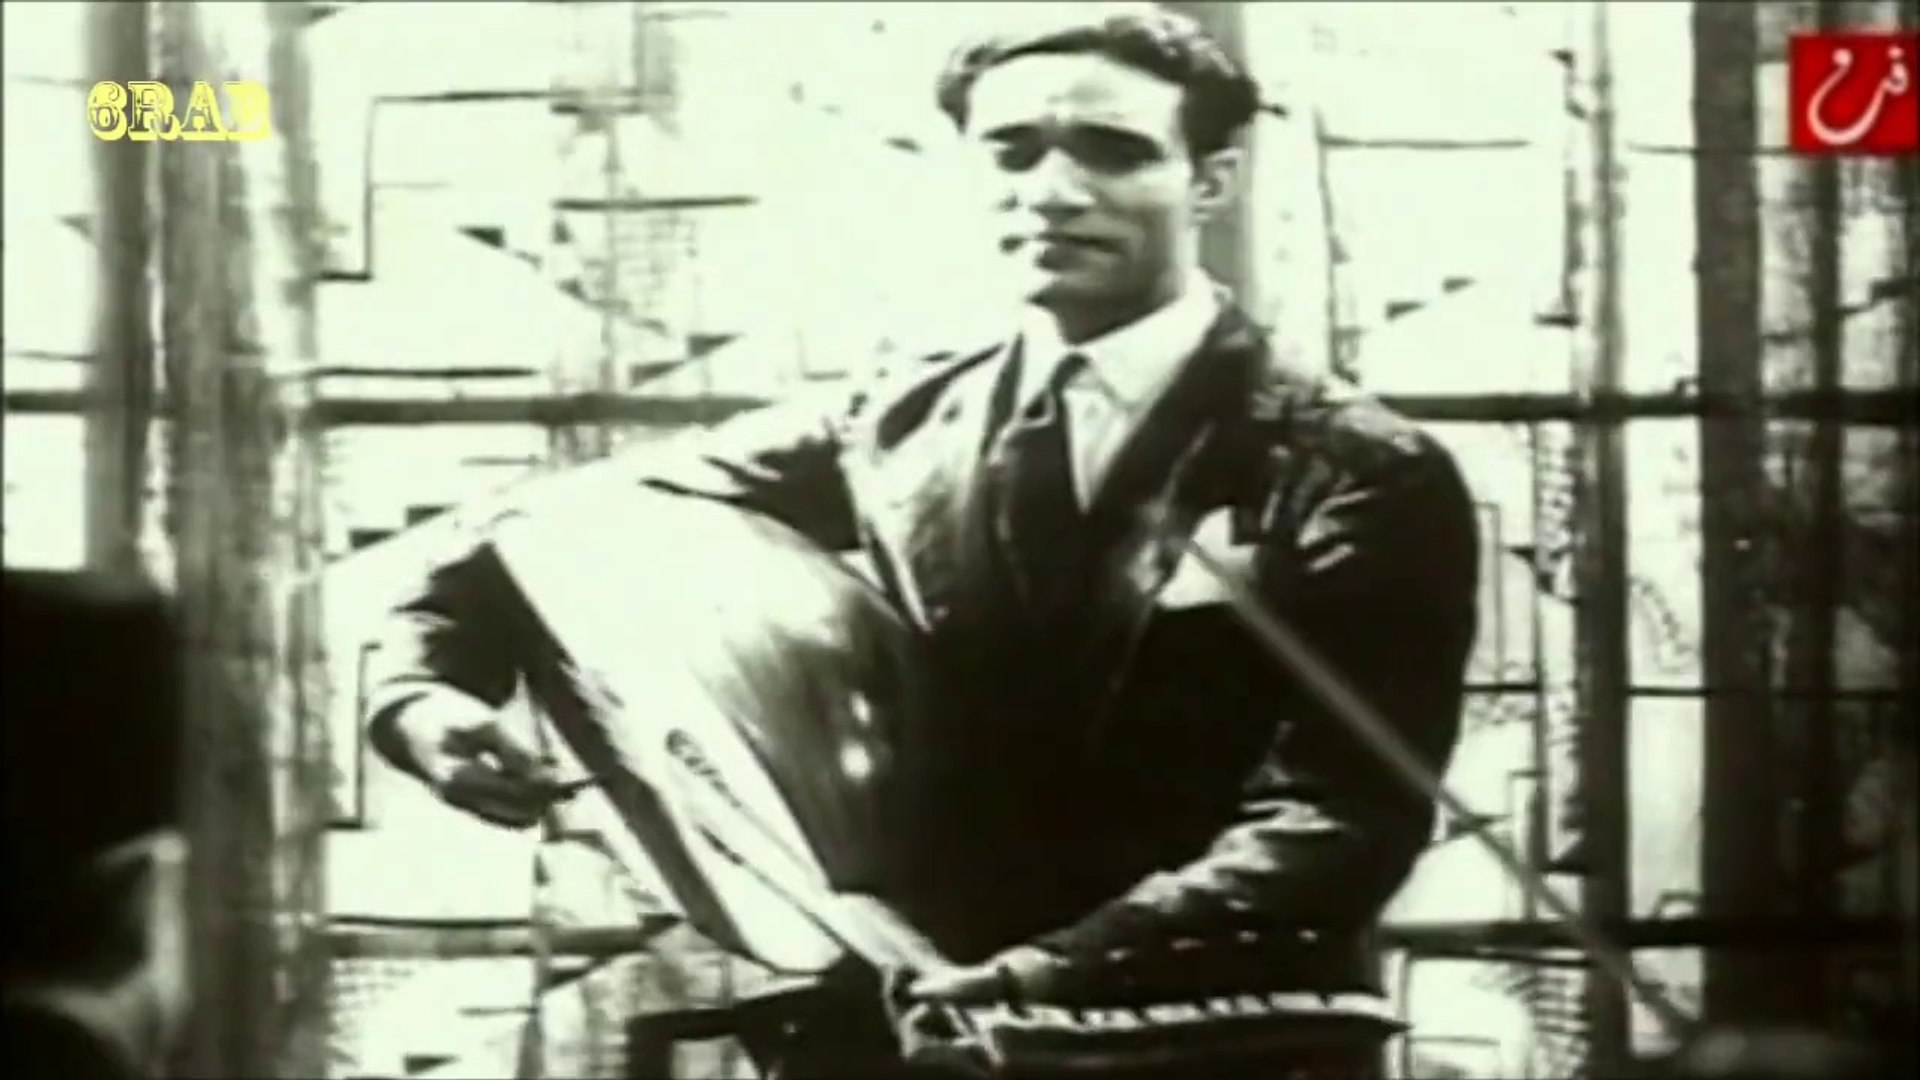 محمد عبدالوهاب النيل نجاشي فيلم الوردة البيضاء عام 1933م